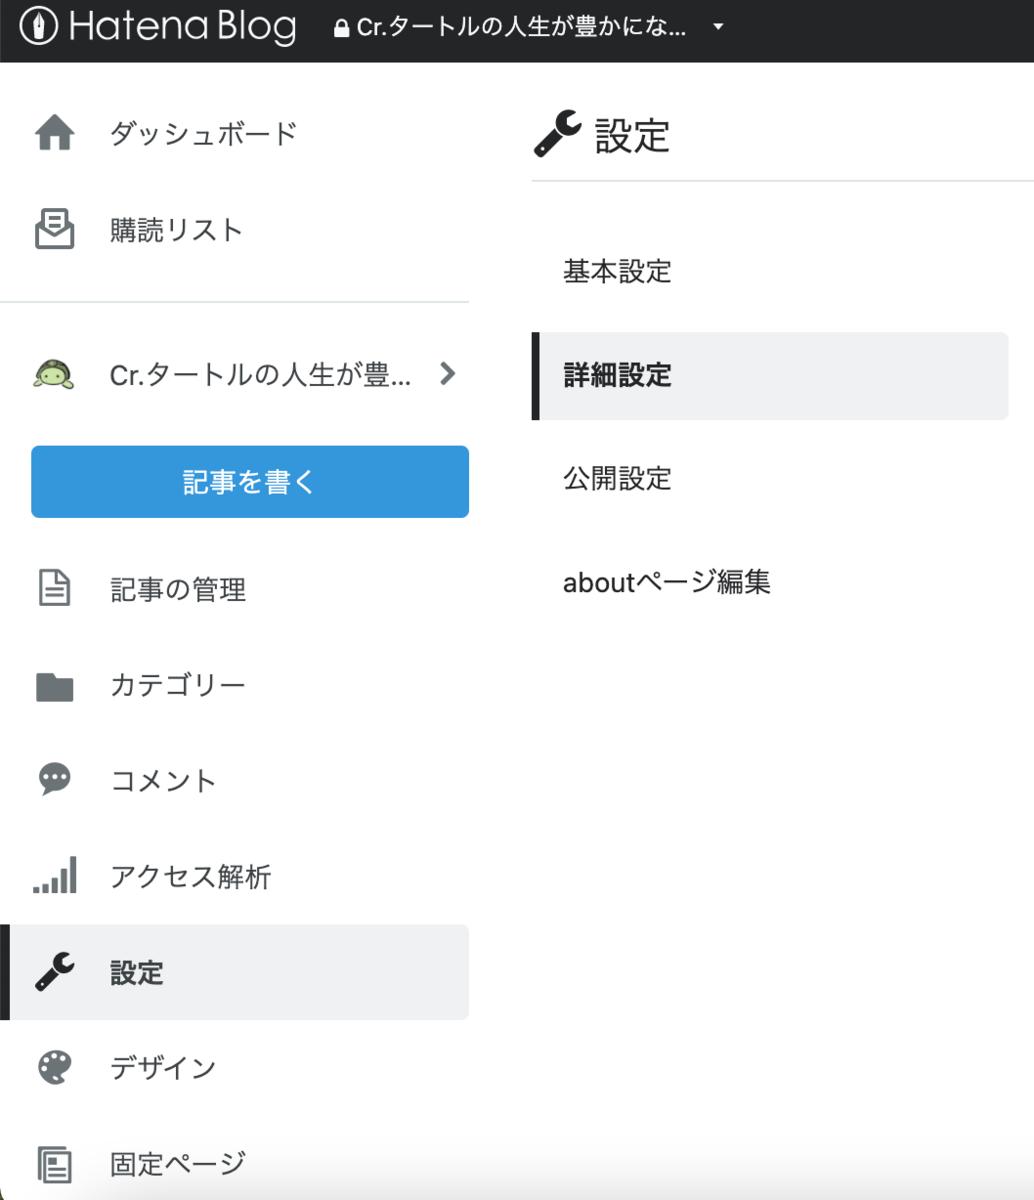 f:id:turtletoushi:20210919063125p:plain